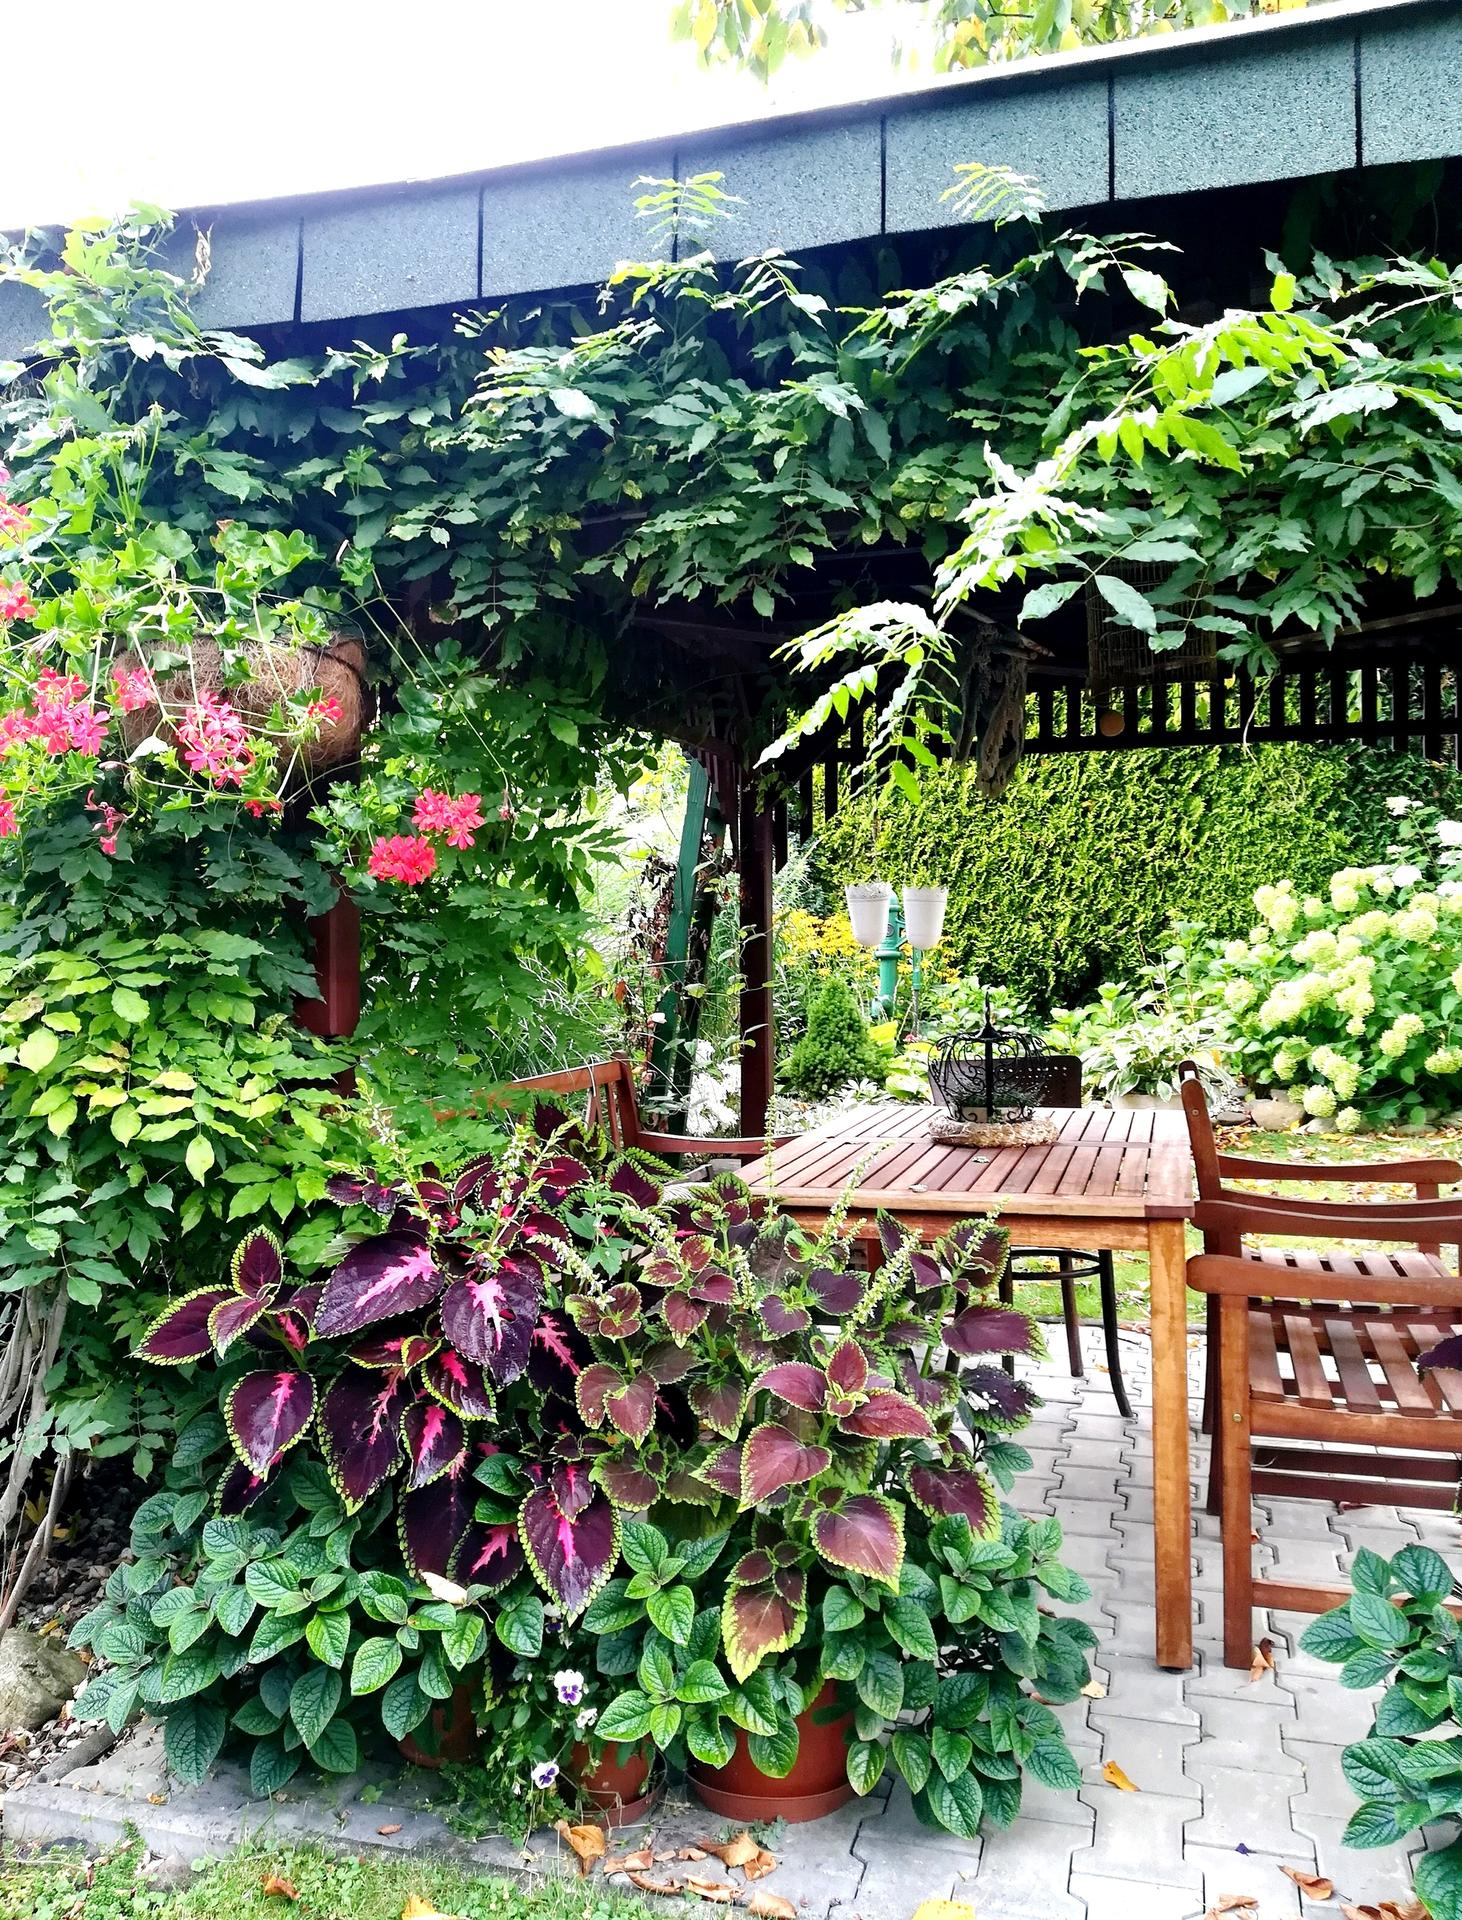 Pozdrav zo záhrady. - Obrázok č. 175